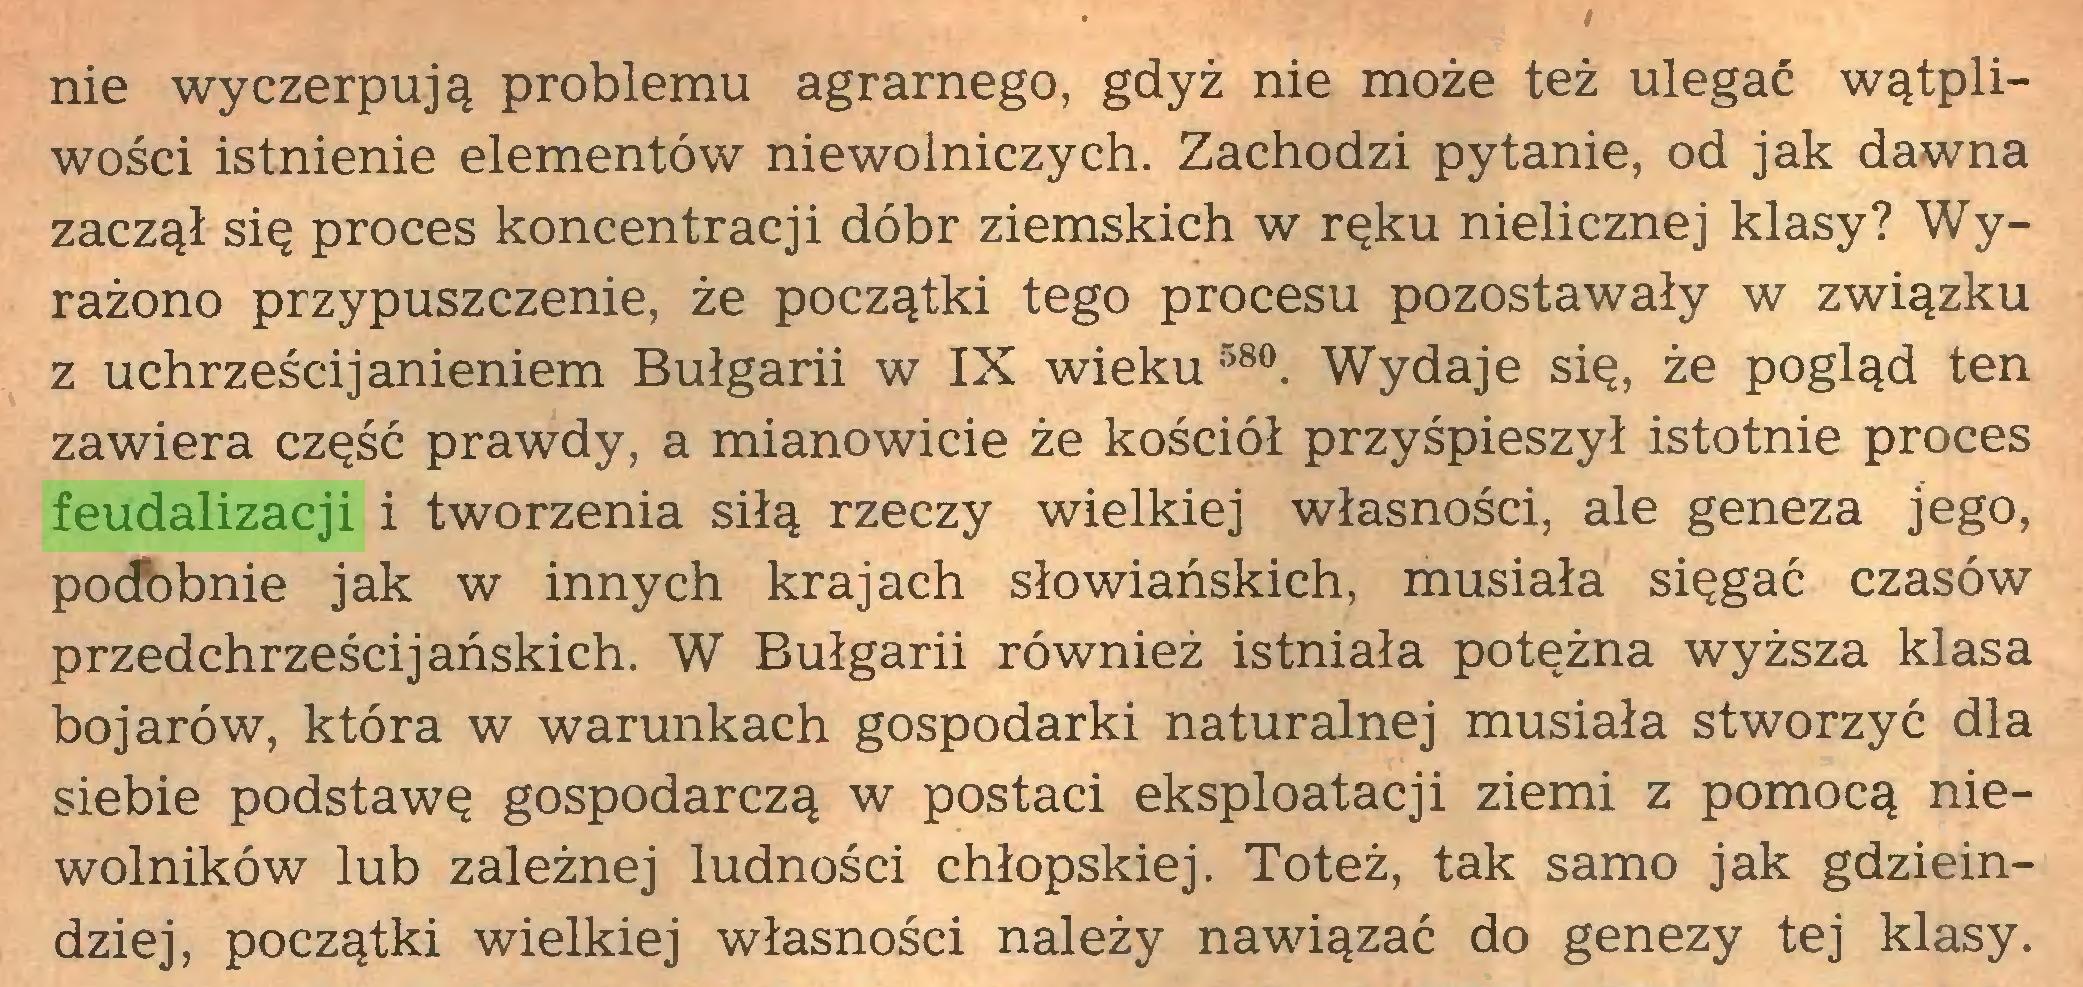 (...) nie wyczerpują problemu agrarnego, gdyż nie może też ulegać wątpliwości istnienie elementów niewolniczych. Zachodzi pytanie, od jak dawna zaczął się proces koncentracji dóbr ziemskich w ręku nielicznej klasy? Wyrażono przypuszczenie, że początki tego procesu pozostawały w związku z uchrześcijanieniem Bułgarii w IX wieku 58°. Wydaje się, że pogląd ten zawiera część prawdy, a mianowicie że kościół przyśpieszył istotnie proces feudalizacji i tworzenia siłą rzeczy wielkiej własności, ale geneza jego, podbbnie jak w innych krajach słowiańskich, musiała sięgać czasów przedchrześcijańskich. W Bułgarii również istniała potężna wyższa klasa bojarów, która w warunkach gospodarki naturalnej musiała stworzyć dla siebie podstawę gospodarczą w postaci eksploatacji ziemi z pomocą niewolników lub zależnej ludności chłopskiej. Toteż, tak samo jak gdzieindziej, początki wielkiej własności należy nawiązać do genezy tej klasy...